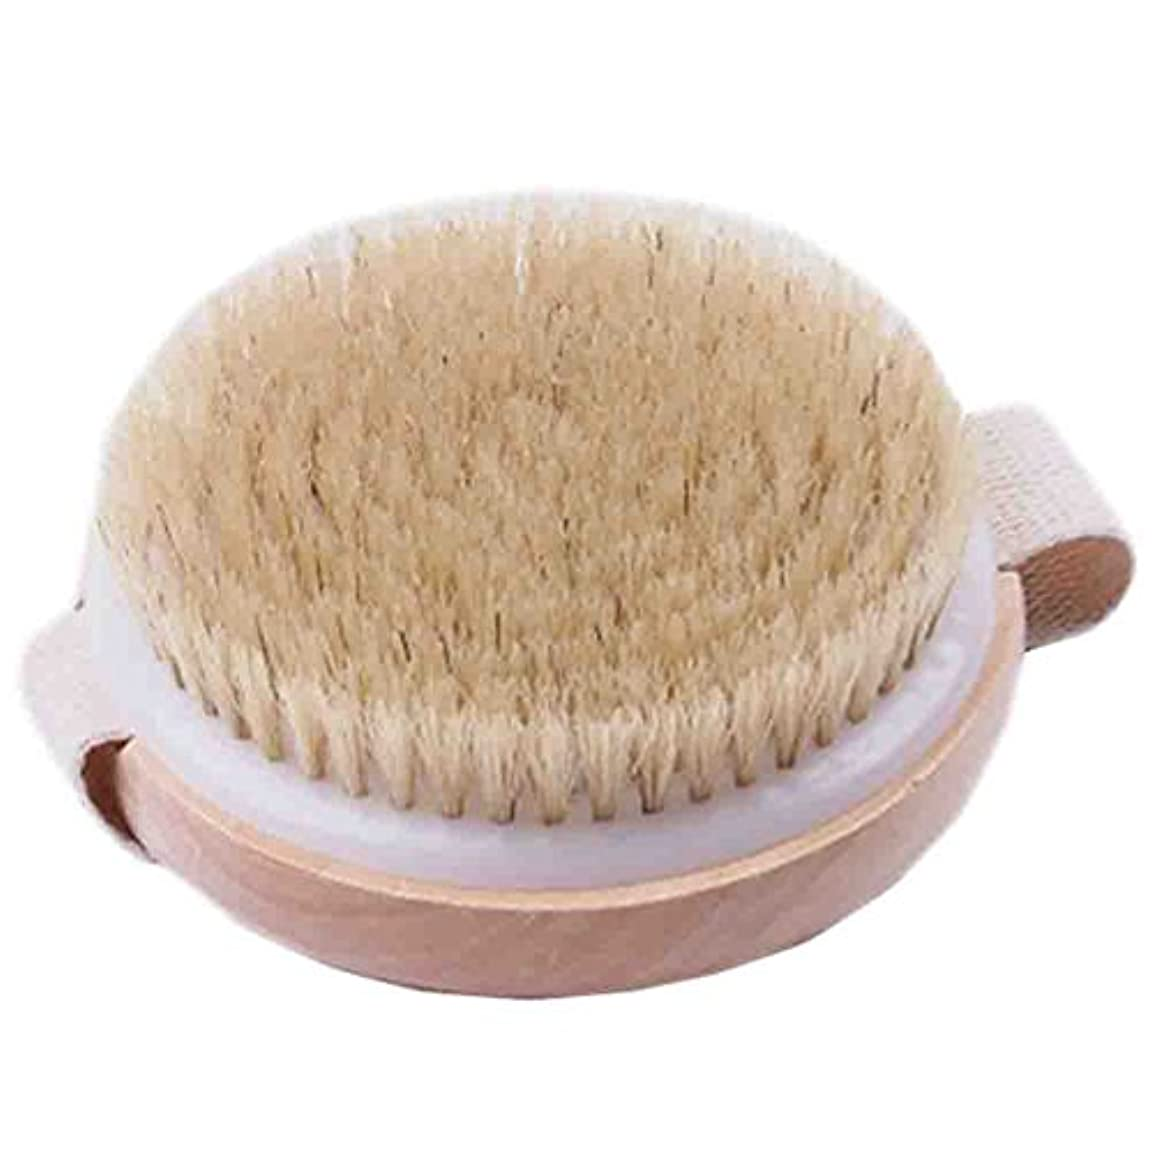 妊娠した一生友情剥離マッサージボディヘアブラシのための自然な剛毛の浴室のブラシ